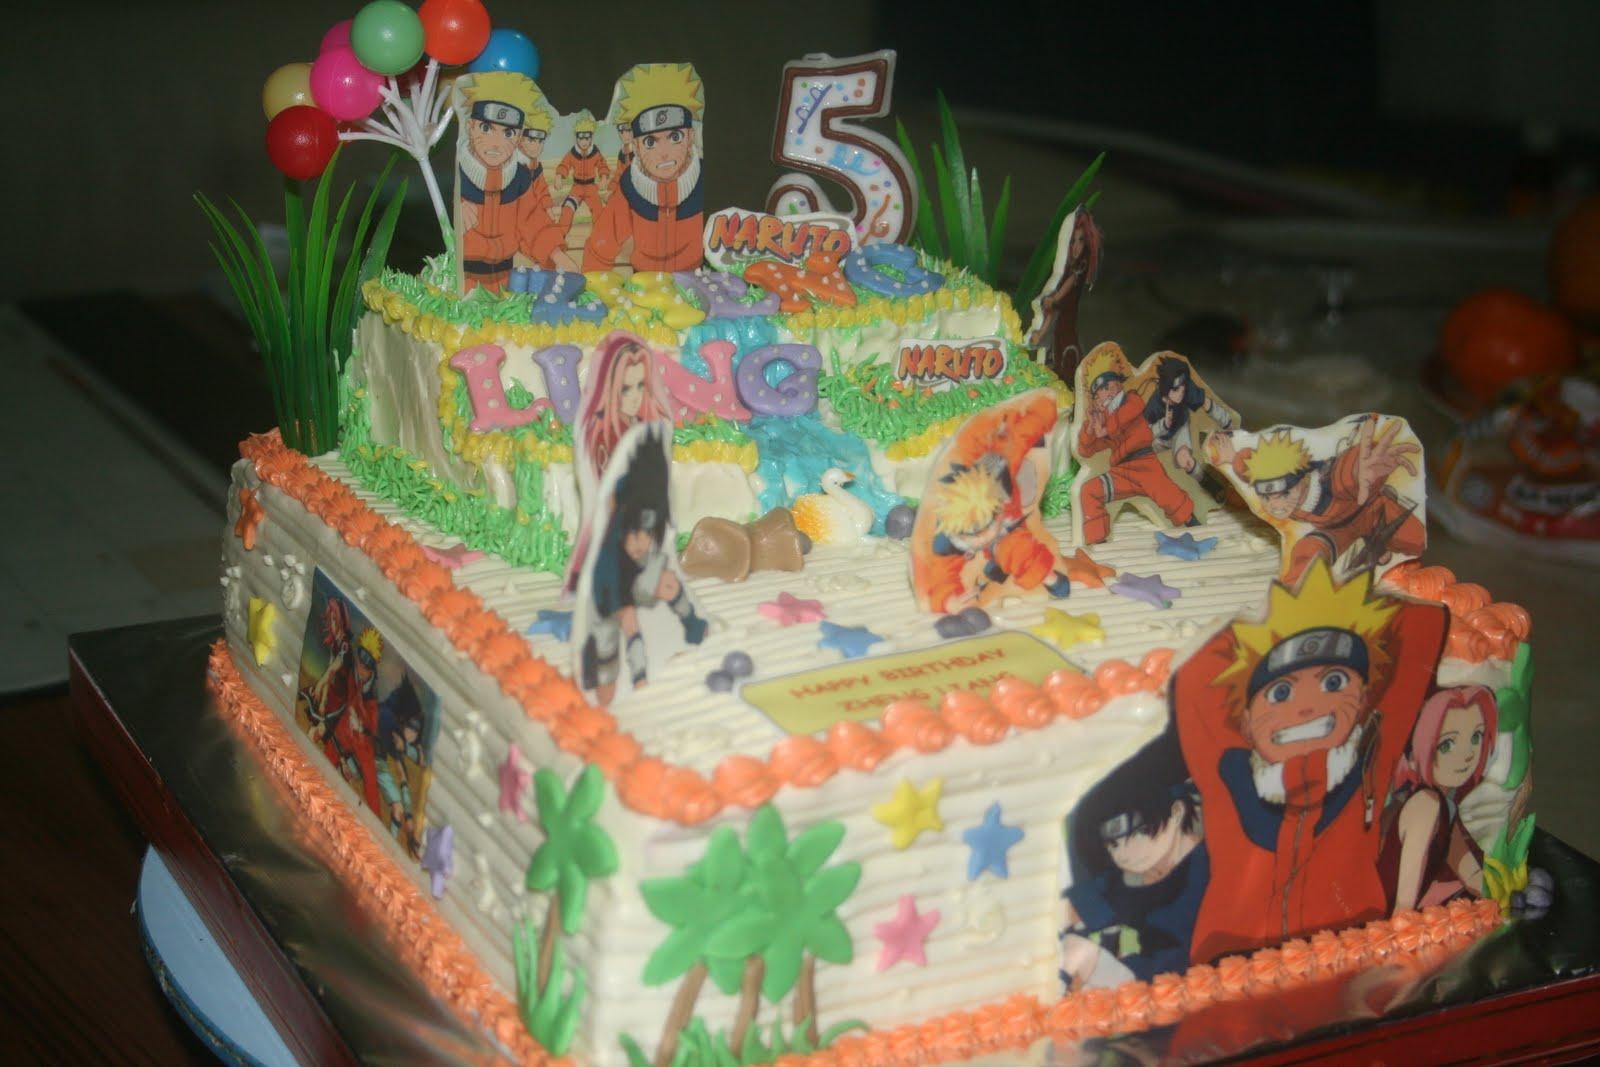 Naruto Cake For Zheng Liang